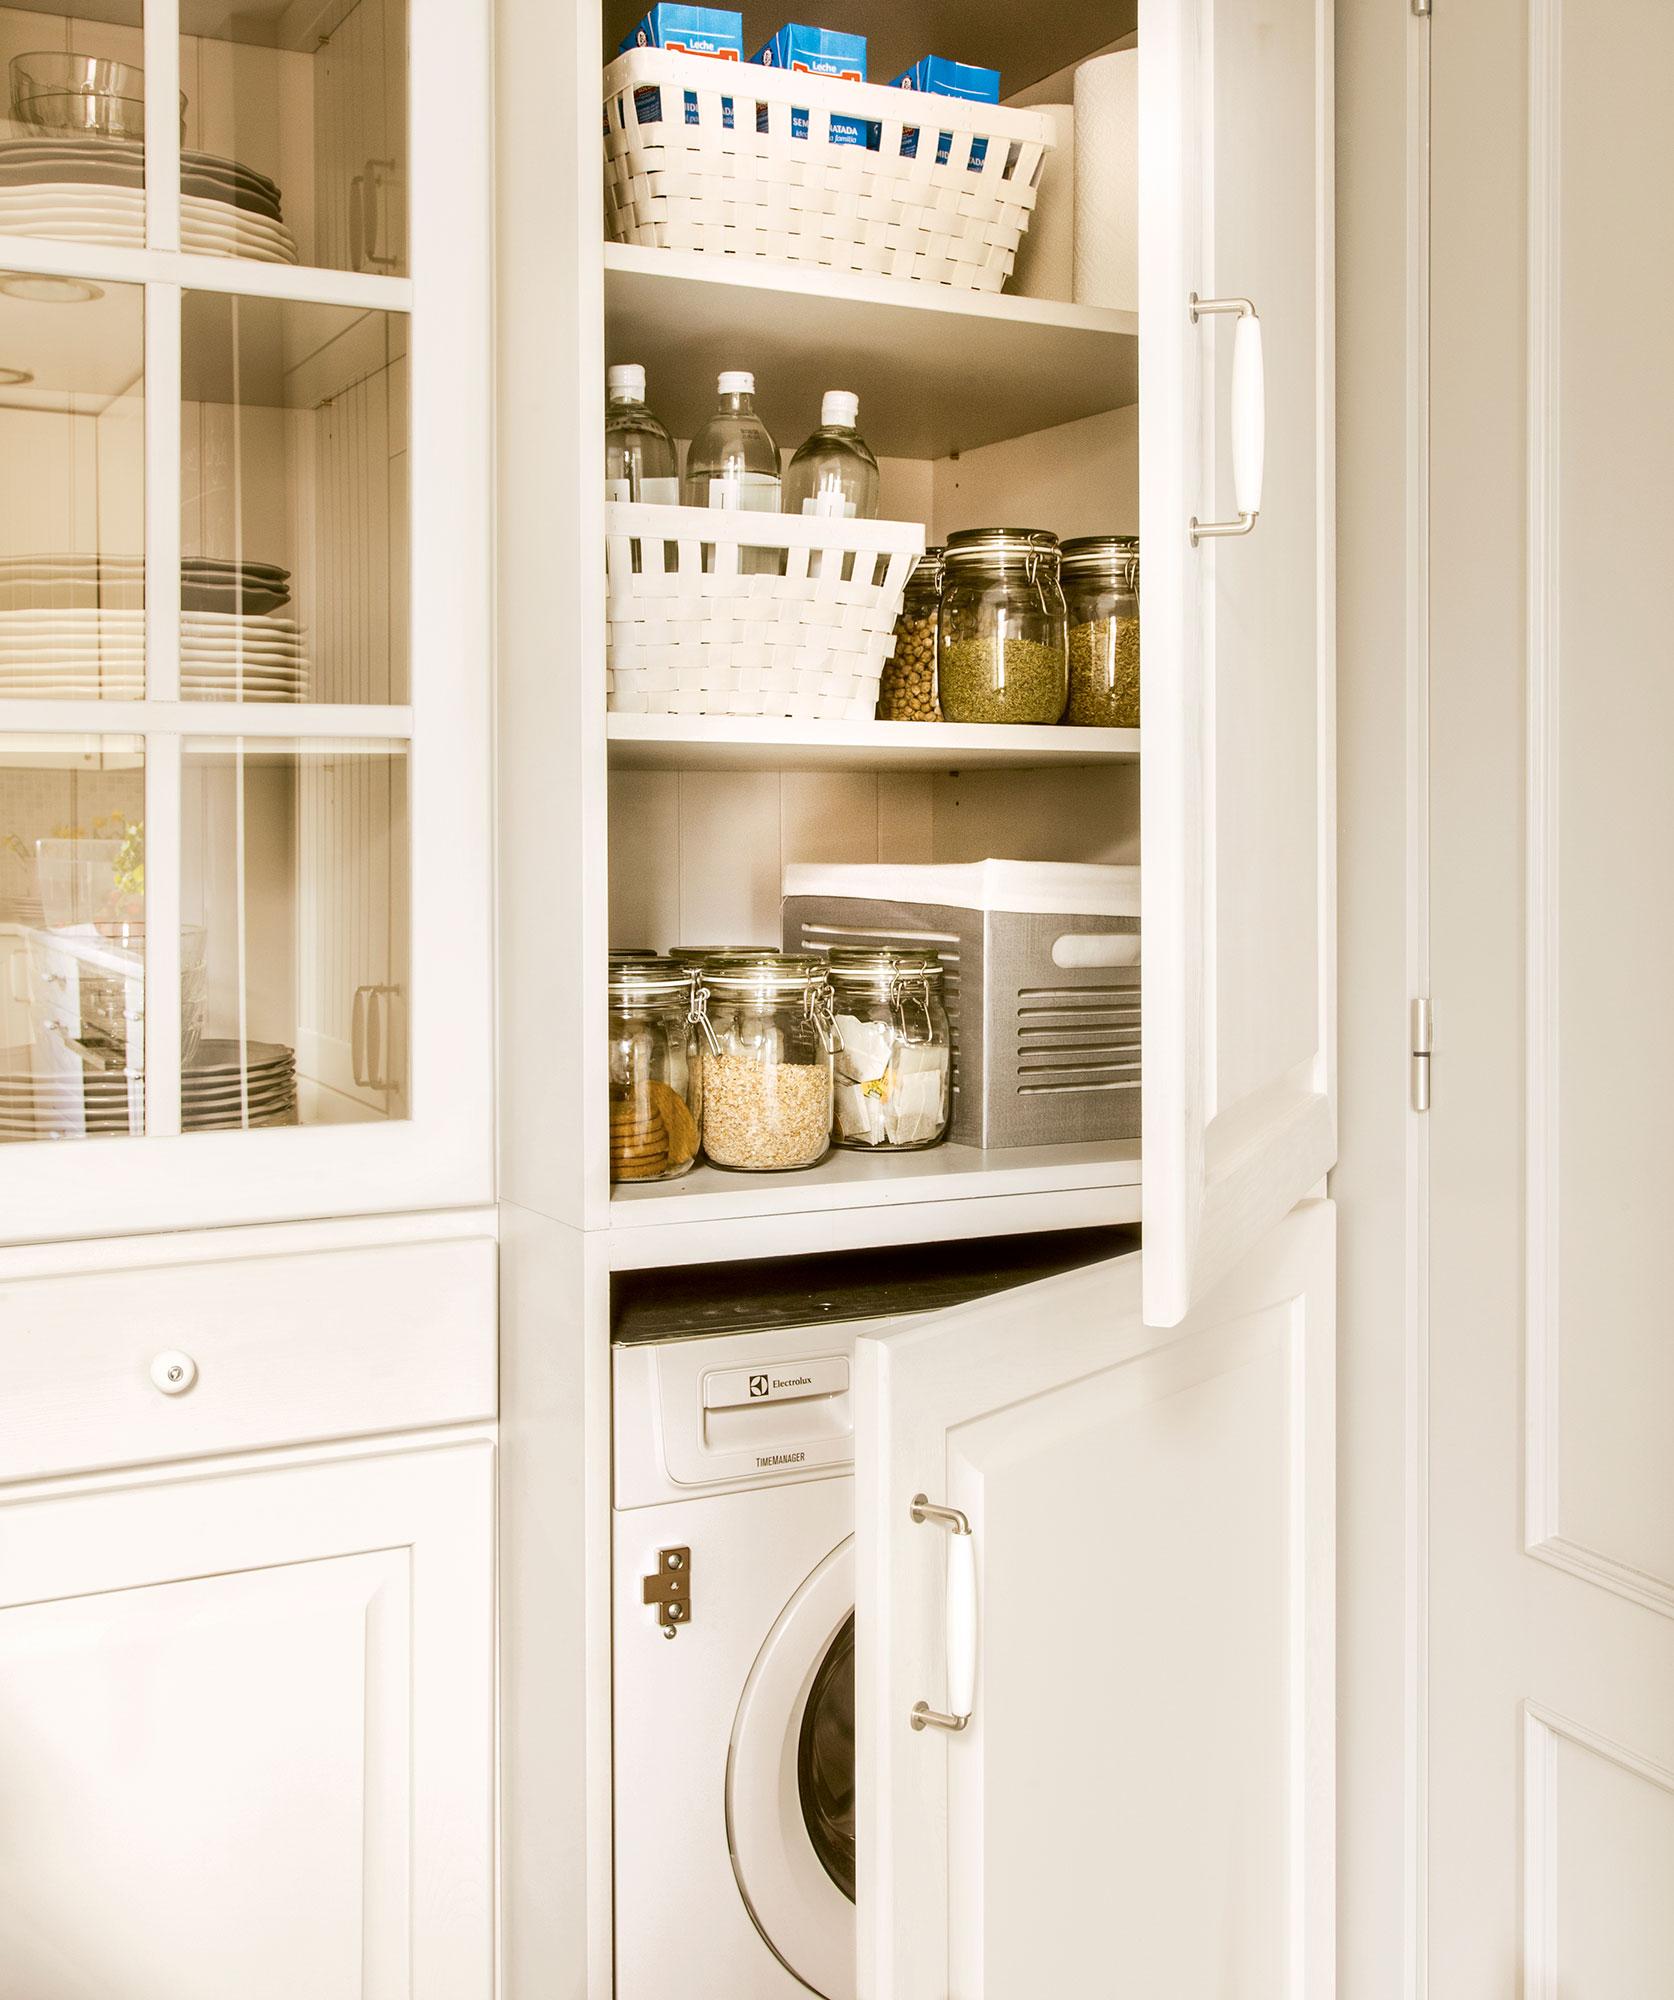 D nde poner la lavadora en casa - Armario para lavadora ...